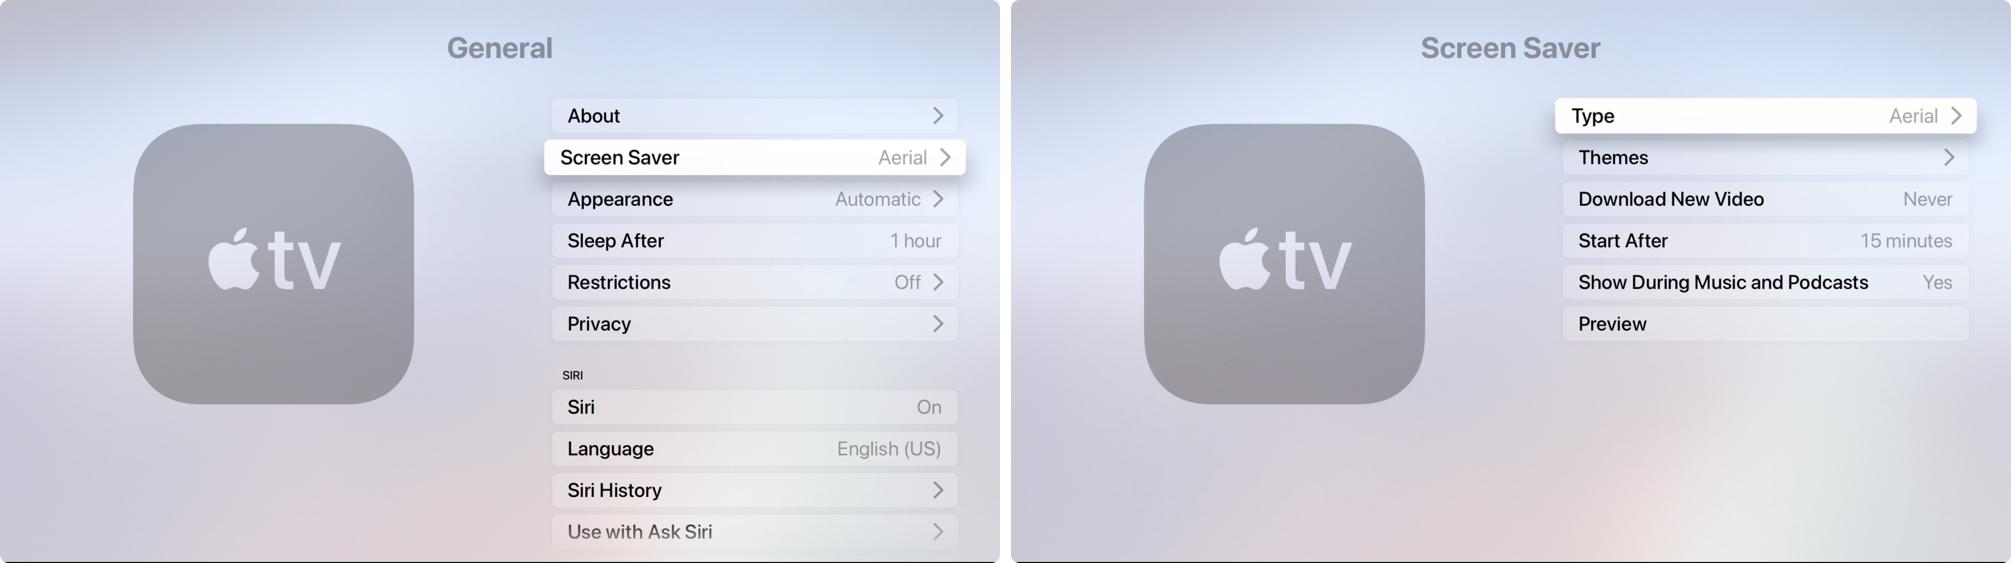 Settings General Screen Saver Type